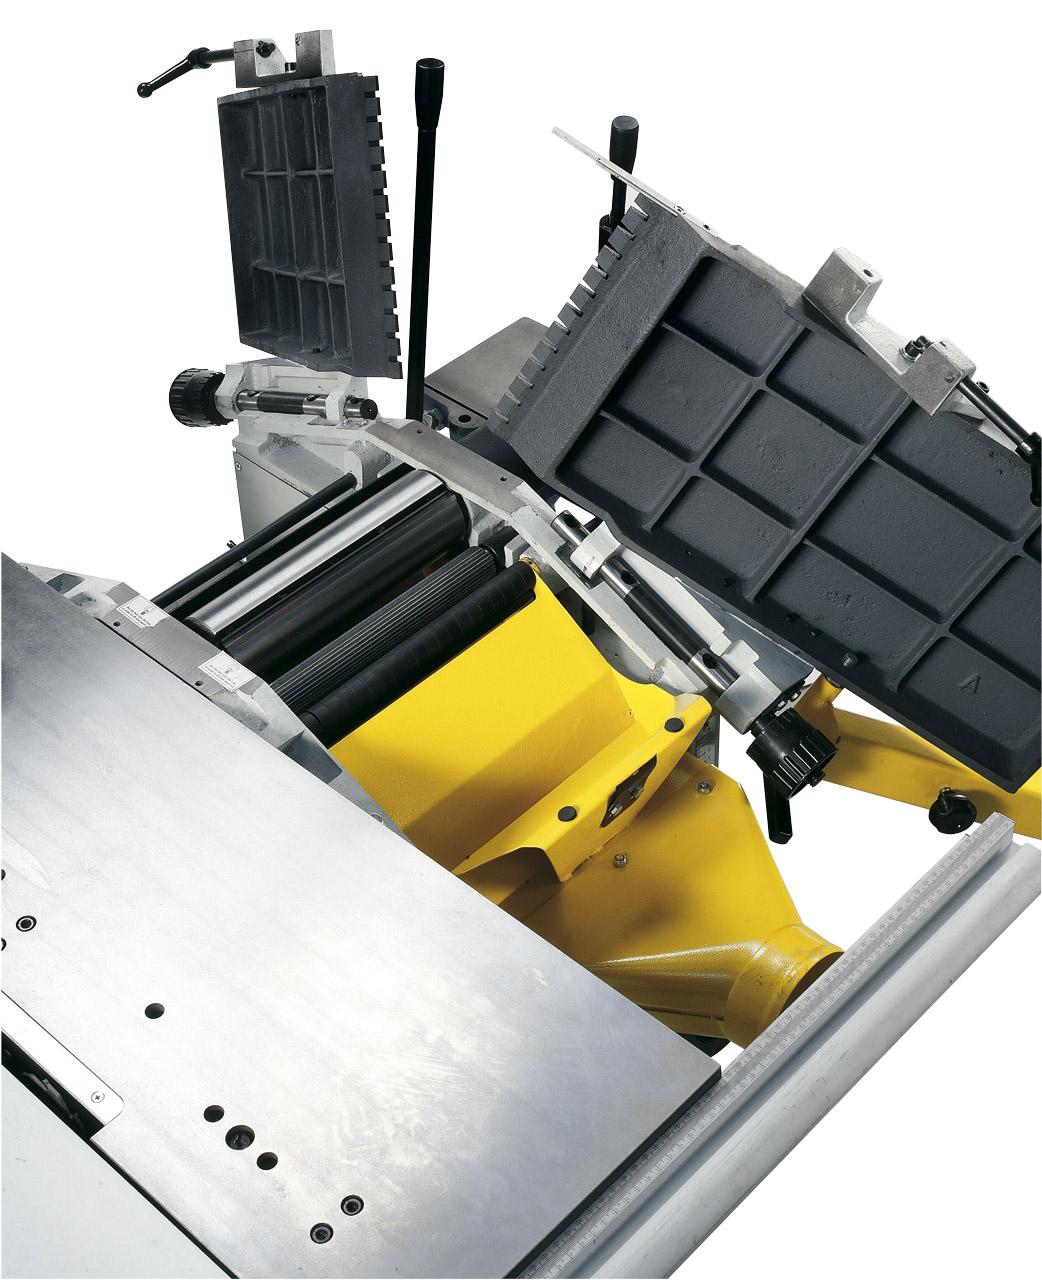 Die hochklappbaren Abrichttische ermöglichen beim Dickenhobeln ein optimales und sicheres Arbeiten, auch bei kurzen Werkstücken.